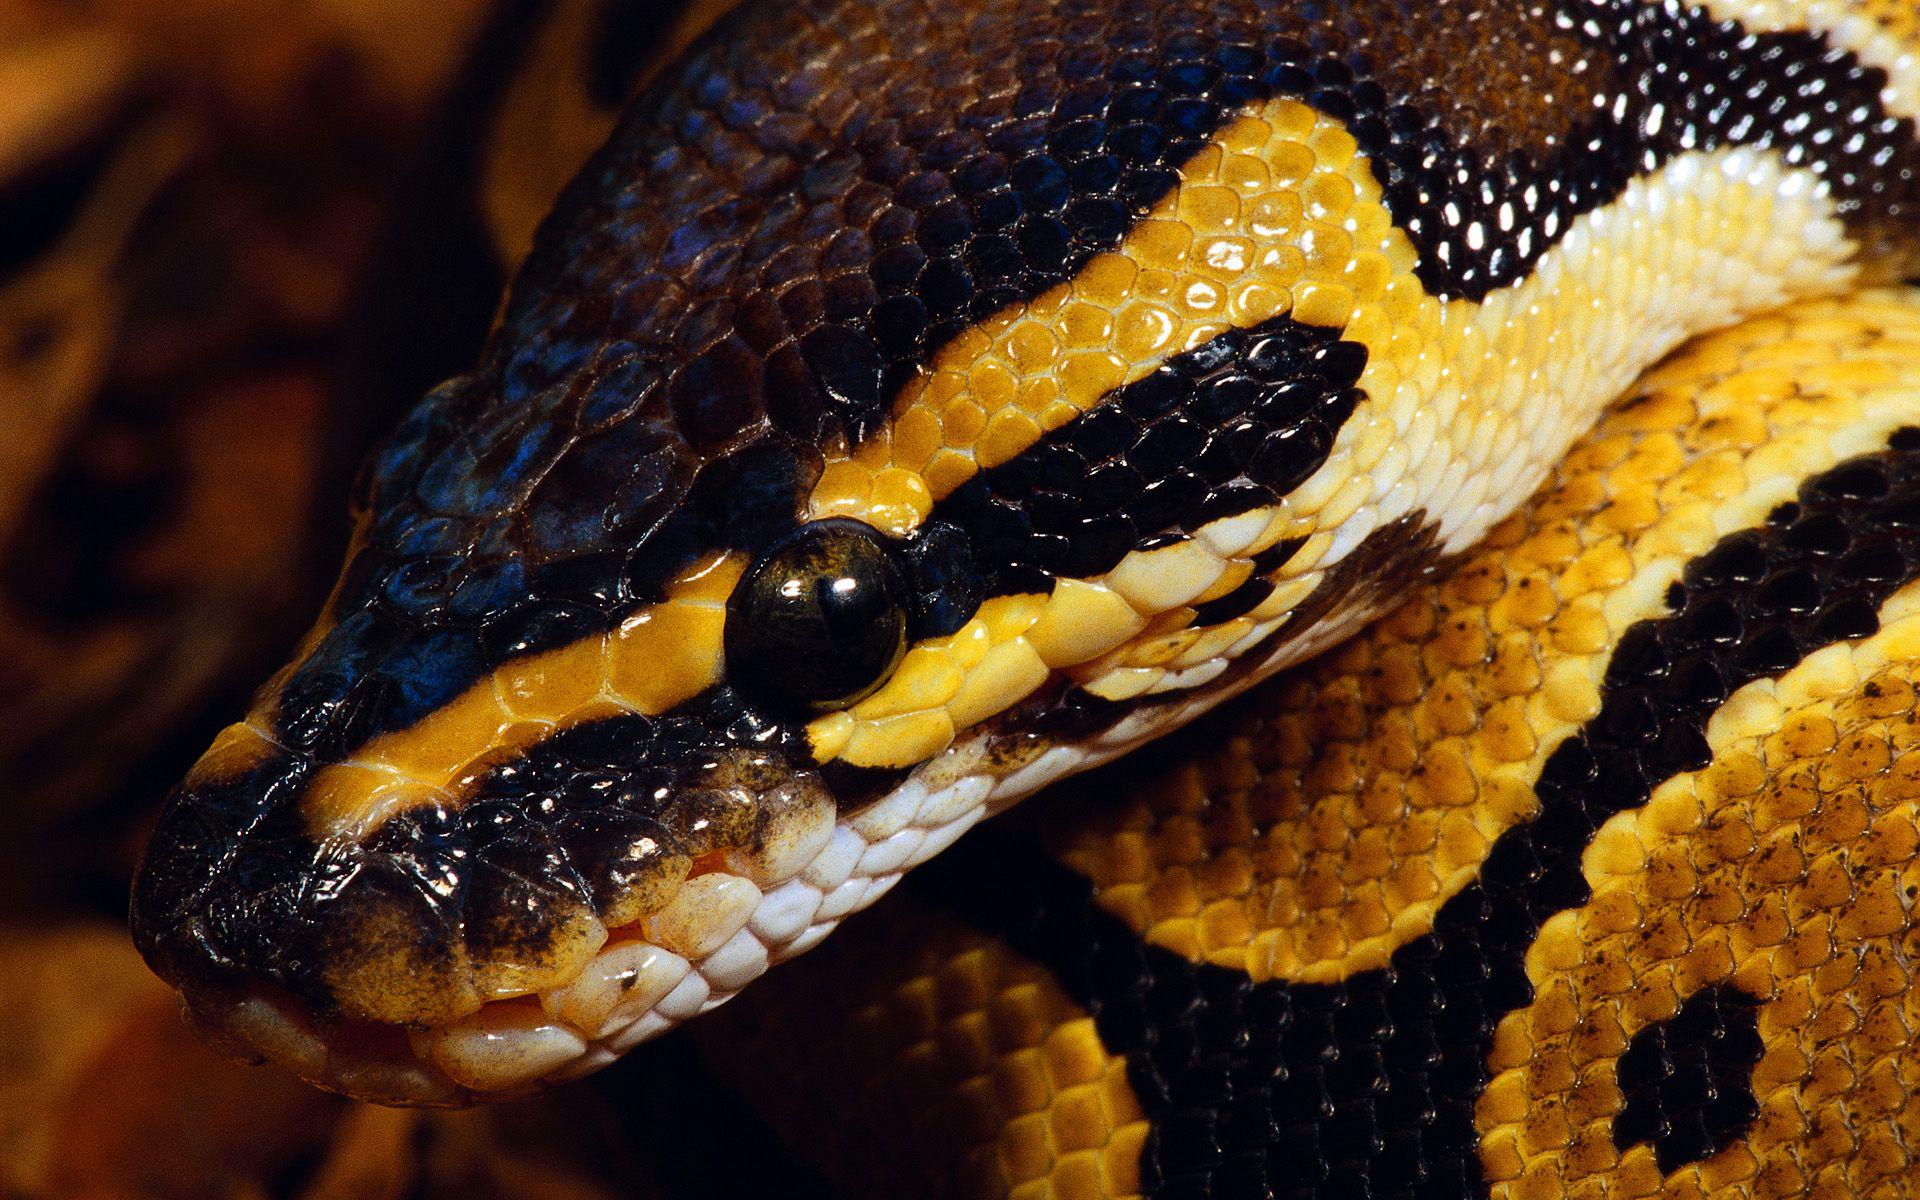 Змея на картинках, ватсап смешные